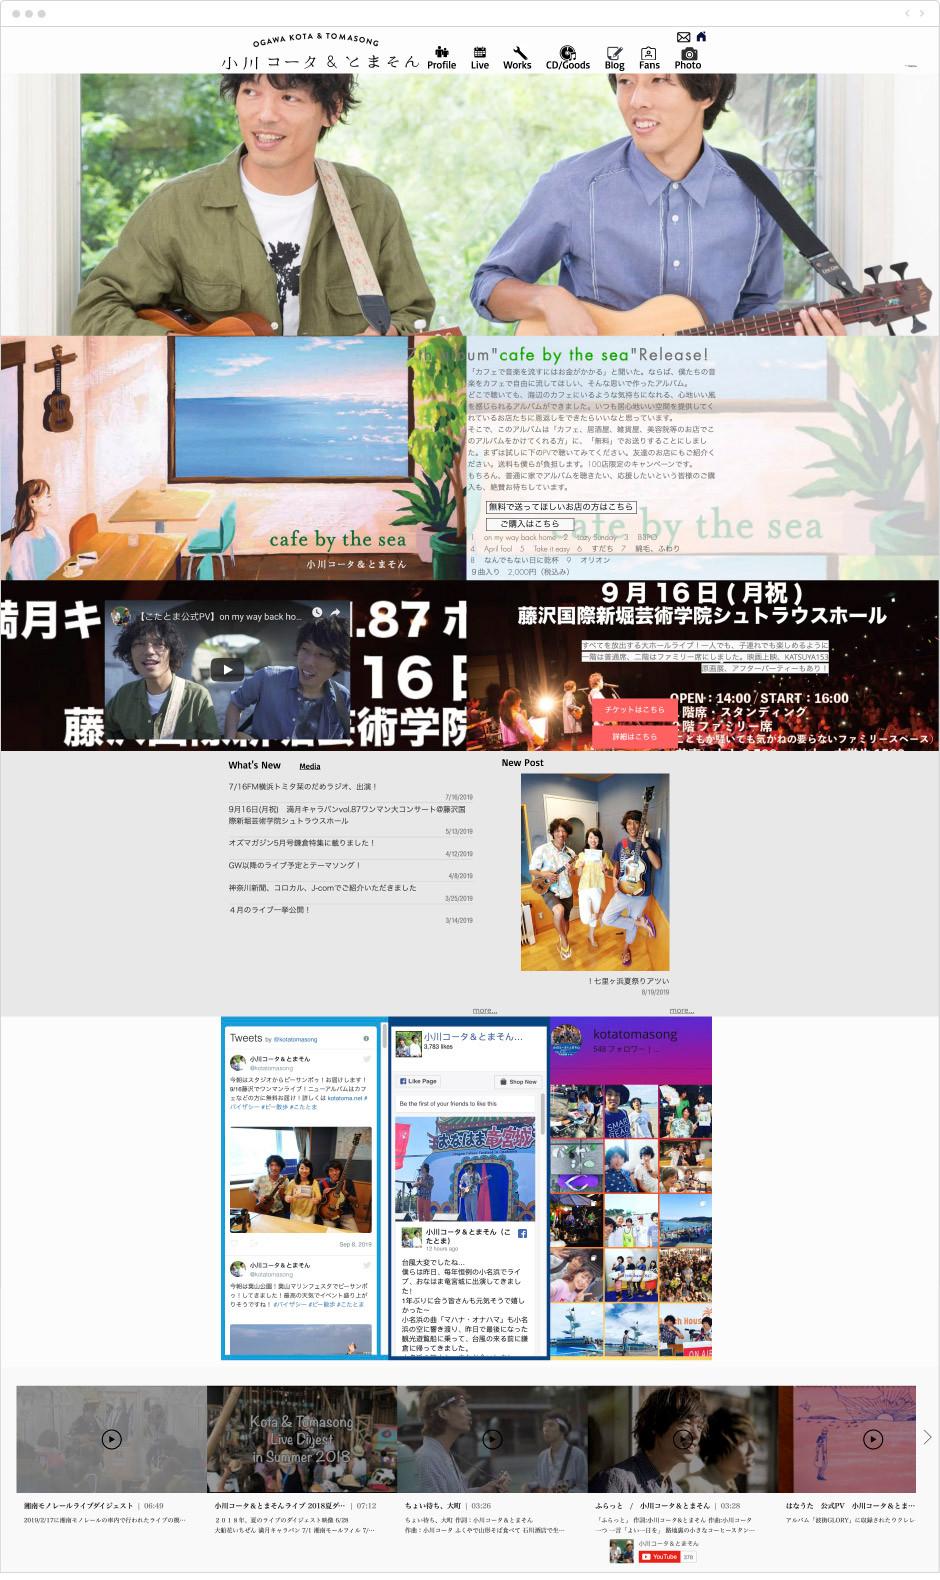 小川コータ&とまそん オフィシャルサイト